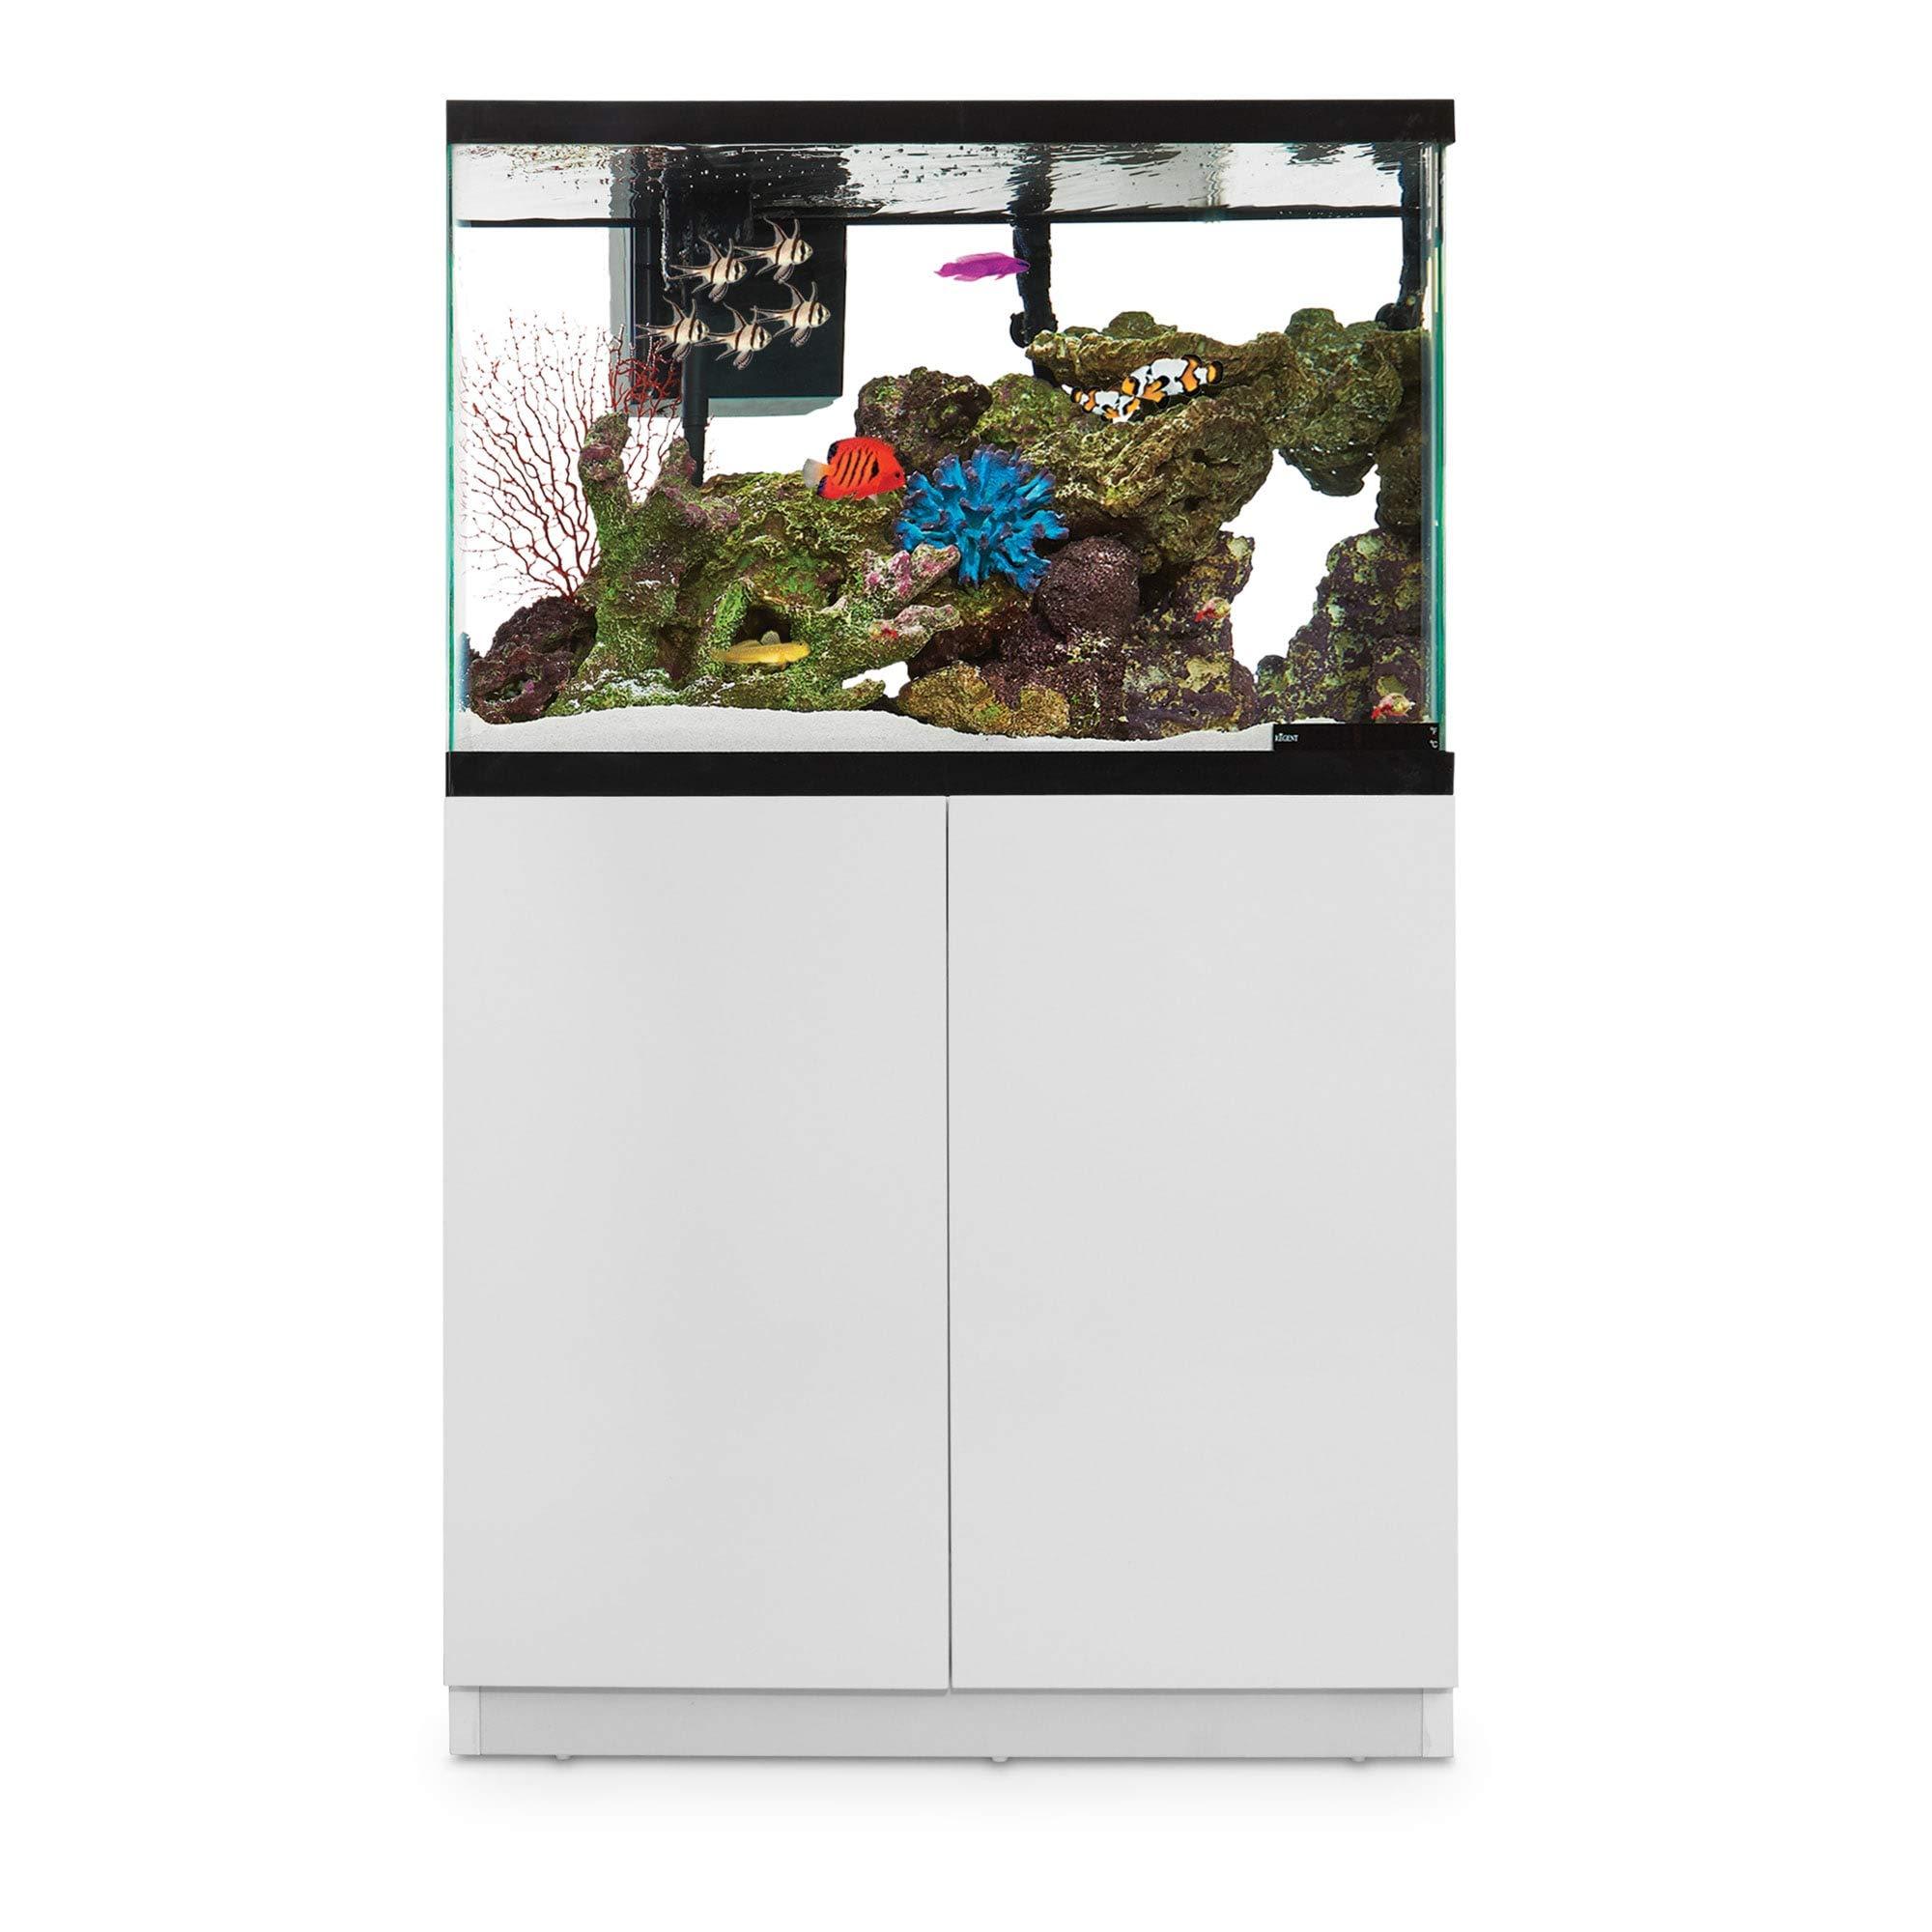 Imagitarium White Gloss Fish Tank Stand, Up to 40 Gal.